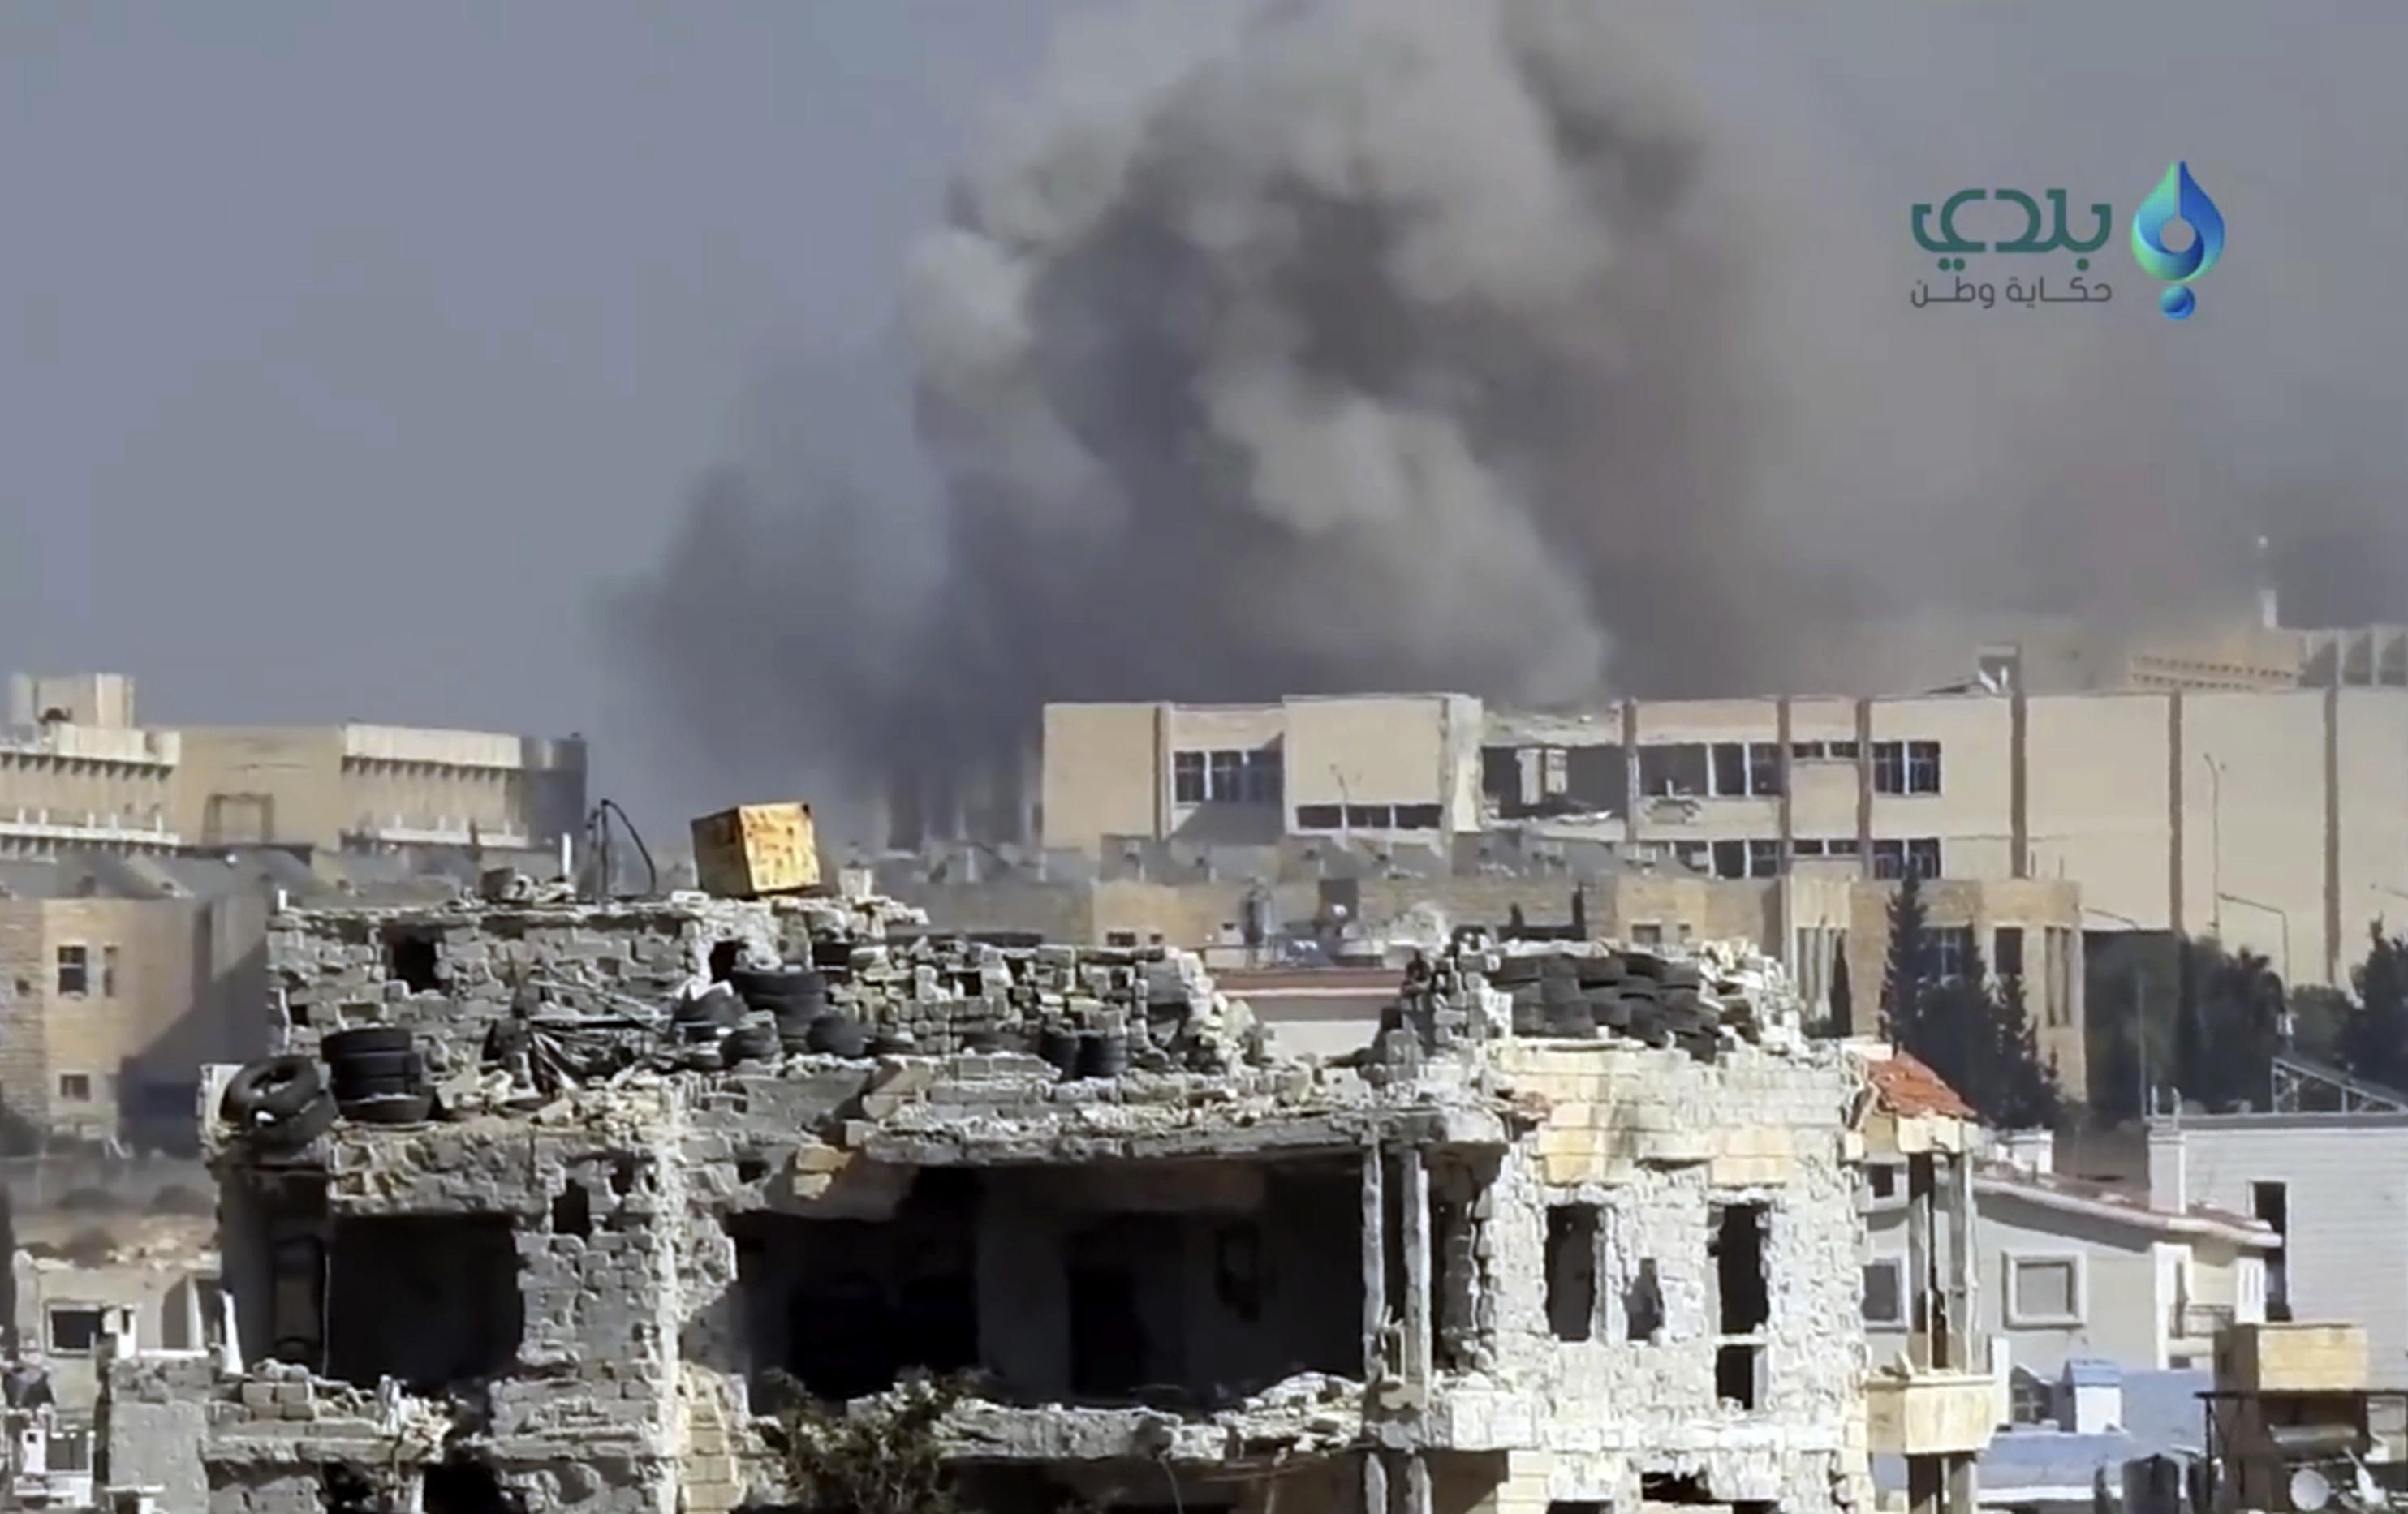 12 civili ucisi si alti 200 raniti, in atacuri cu rachete, in Alep. Rebelii refuza cererea Rusiei de a se retrage din Siria